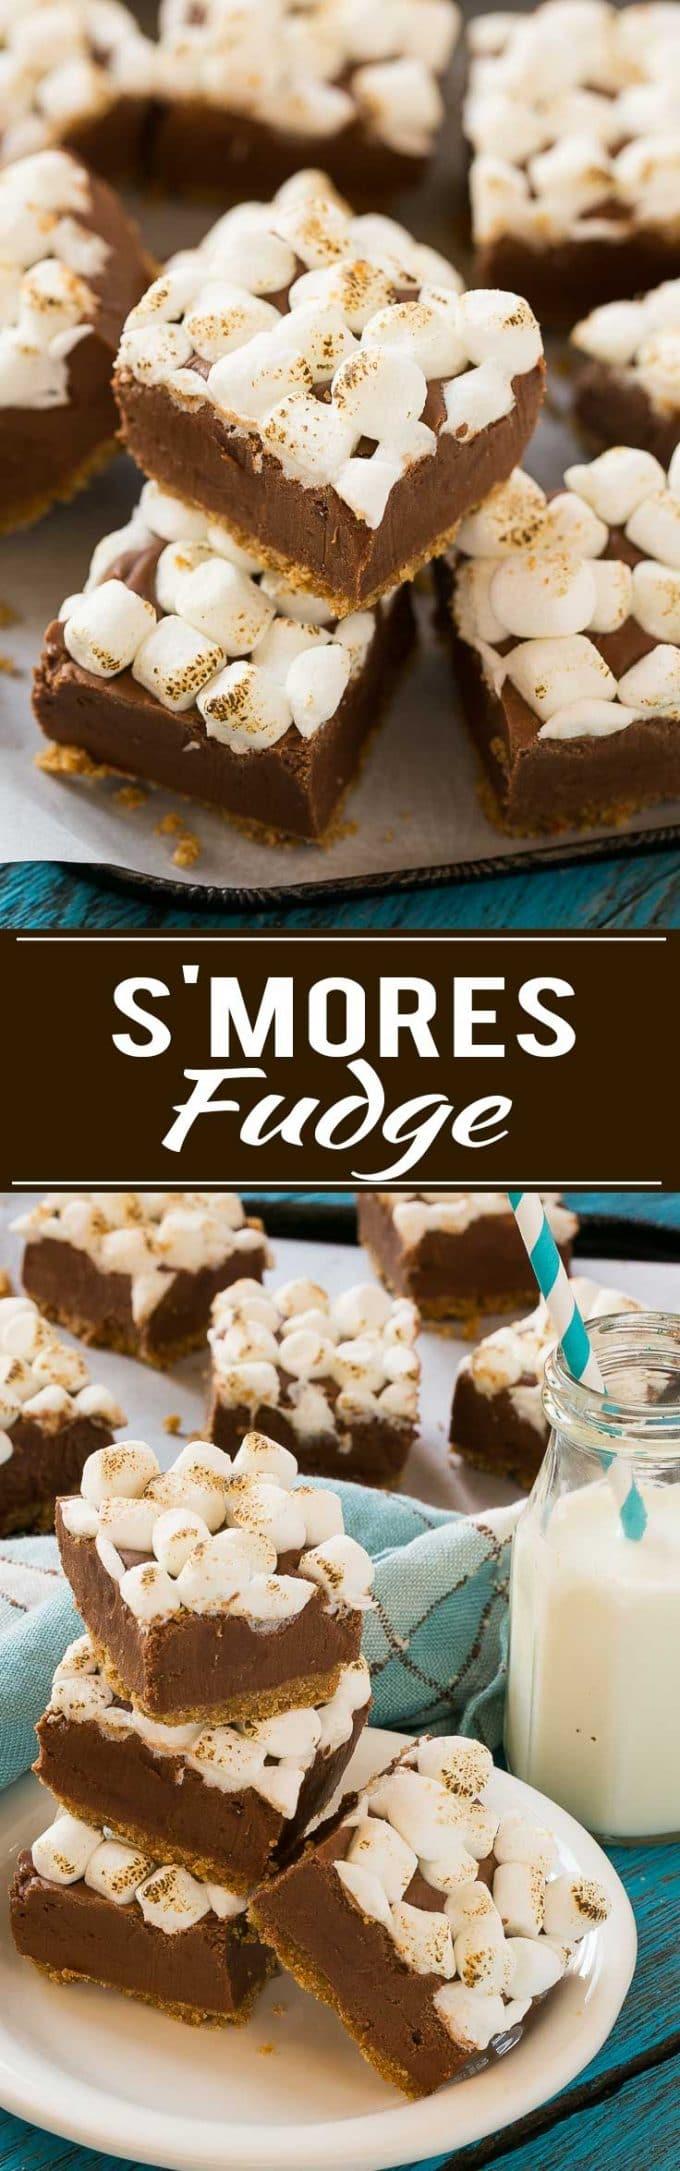 S'mores Fudge Recipe | Best S'mores Fudge | Easy S'mores Fudge | Fun Fudge Recipe